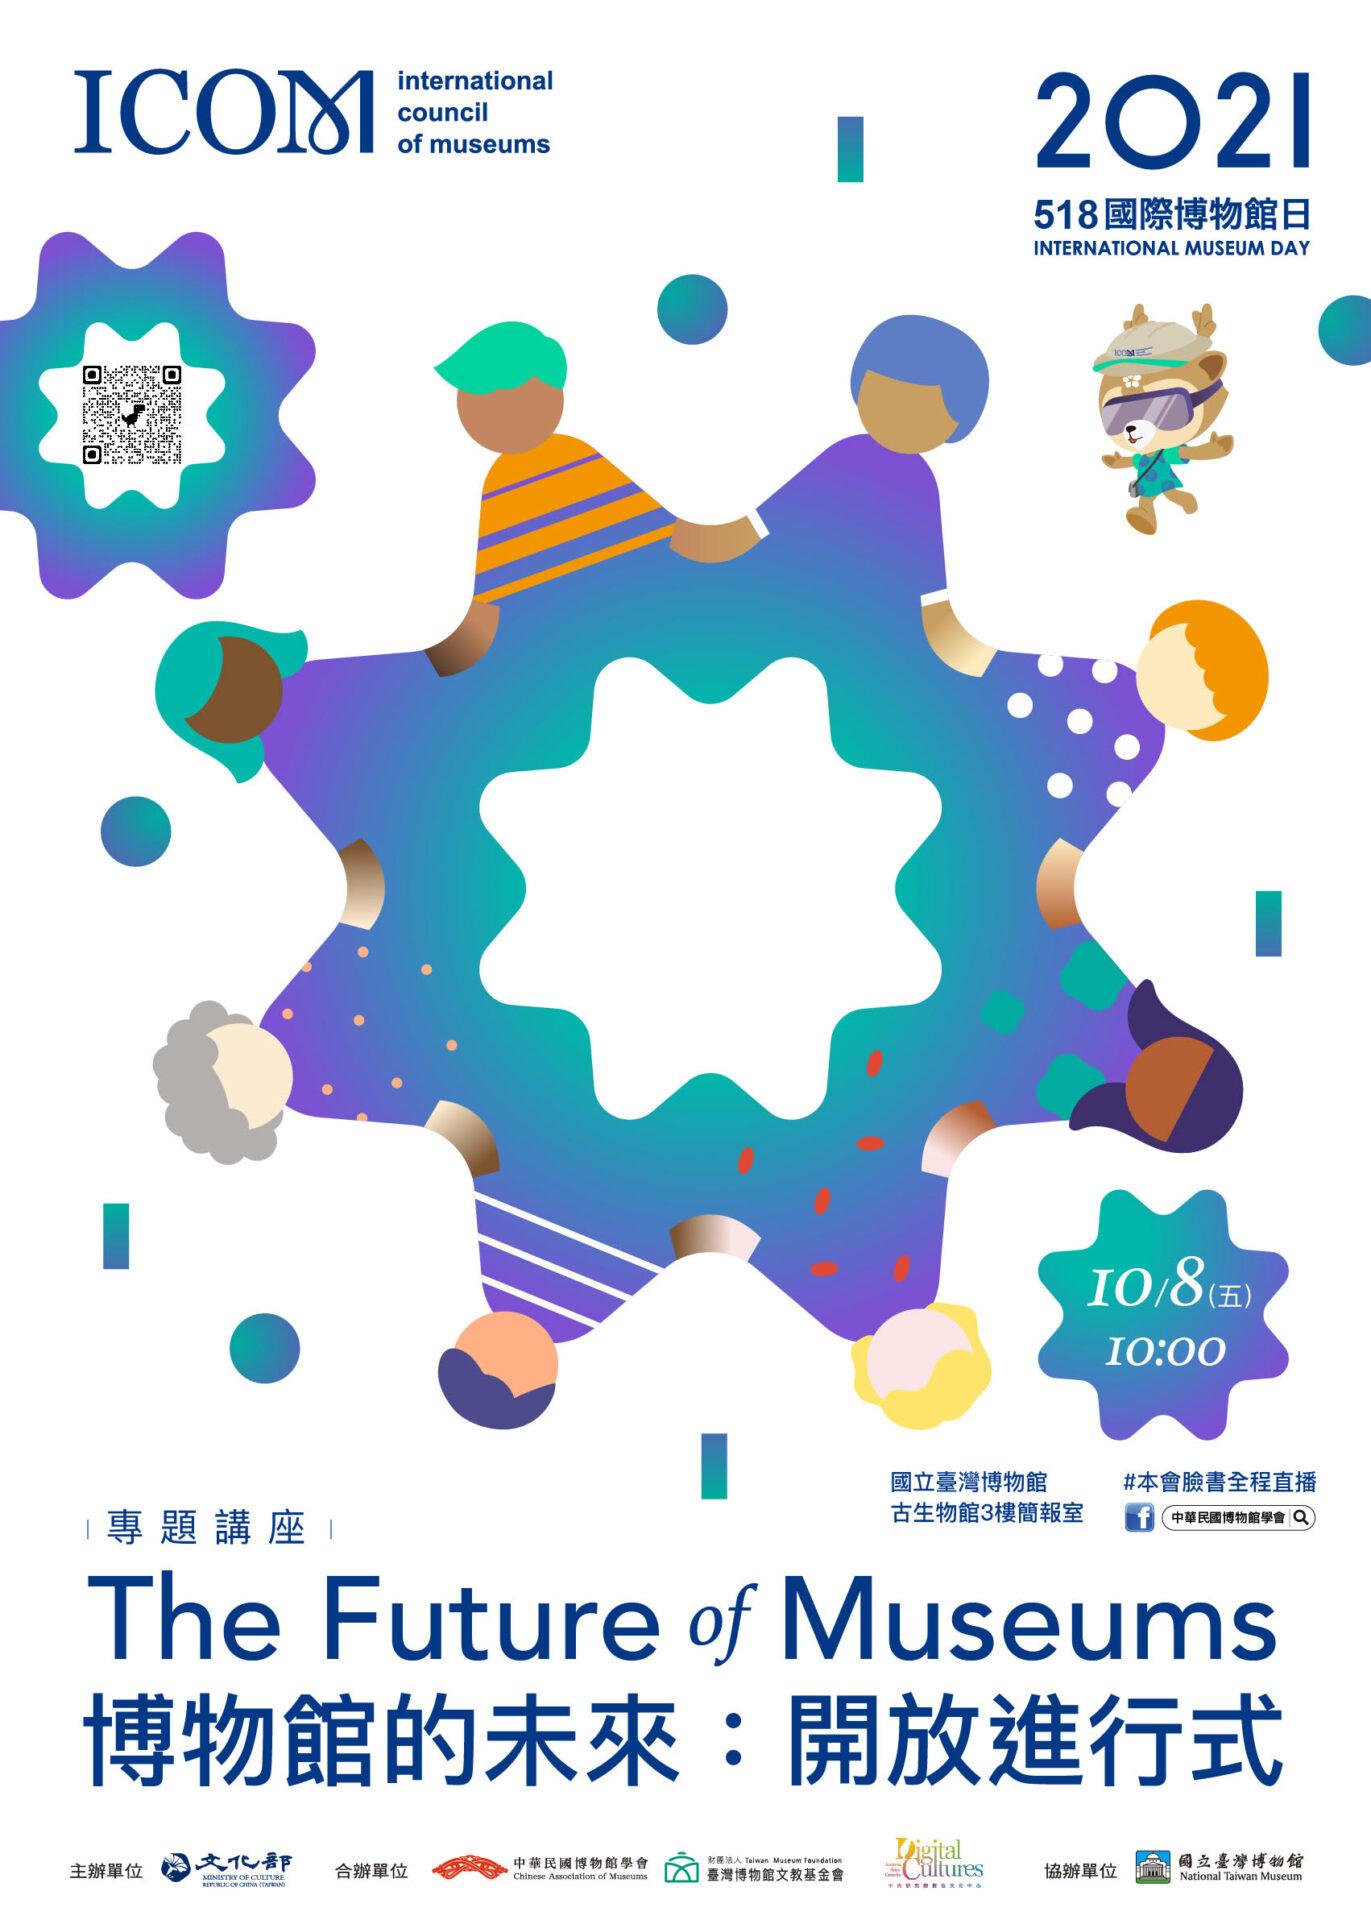 中華民國博物館學會:2021/10/08【博物館的未來︰開放進行式專題講座】現場參與錄取名單